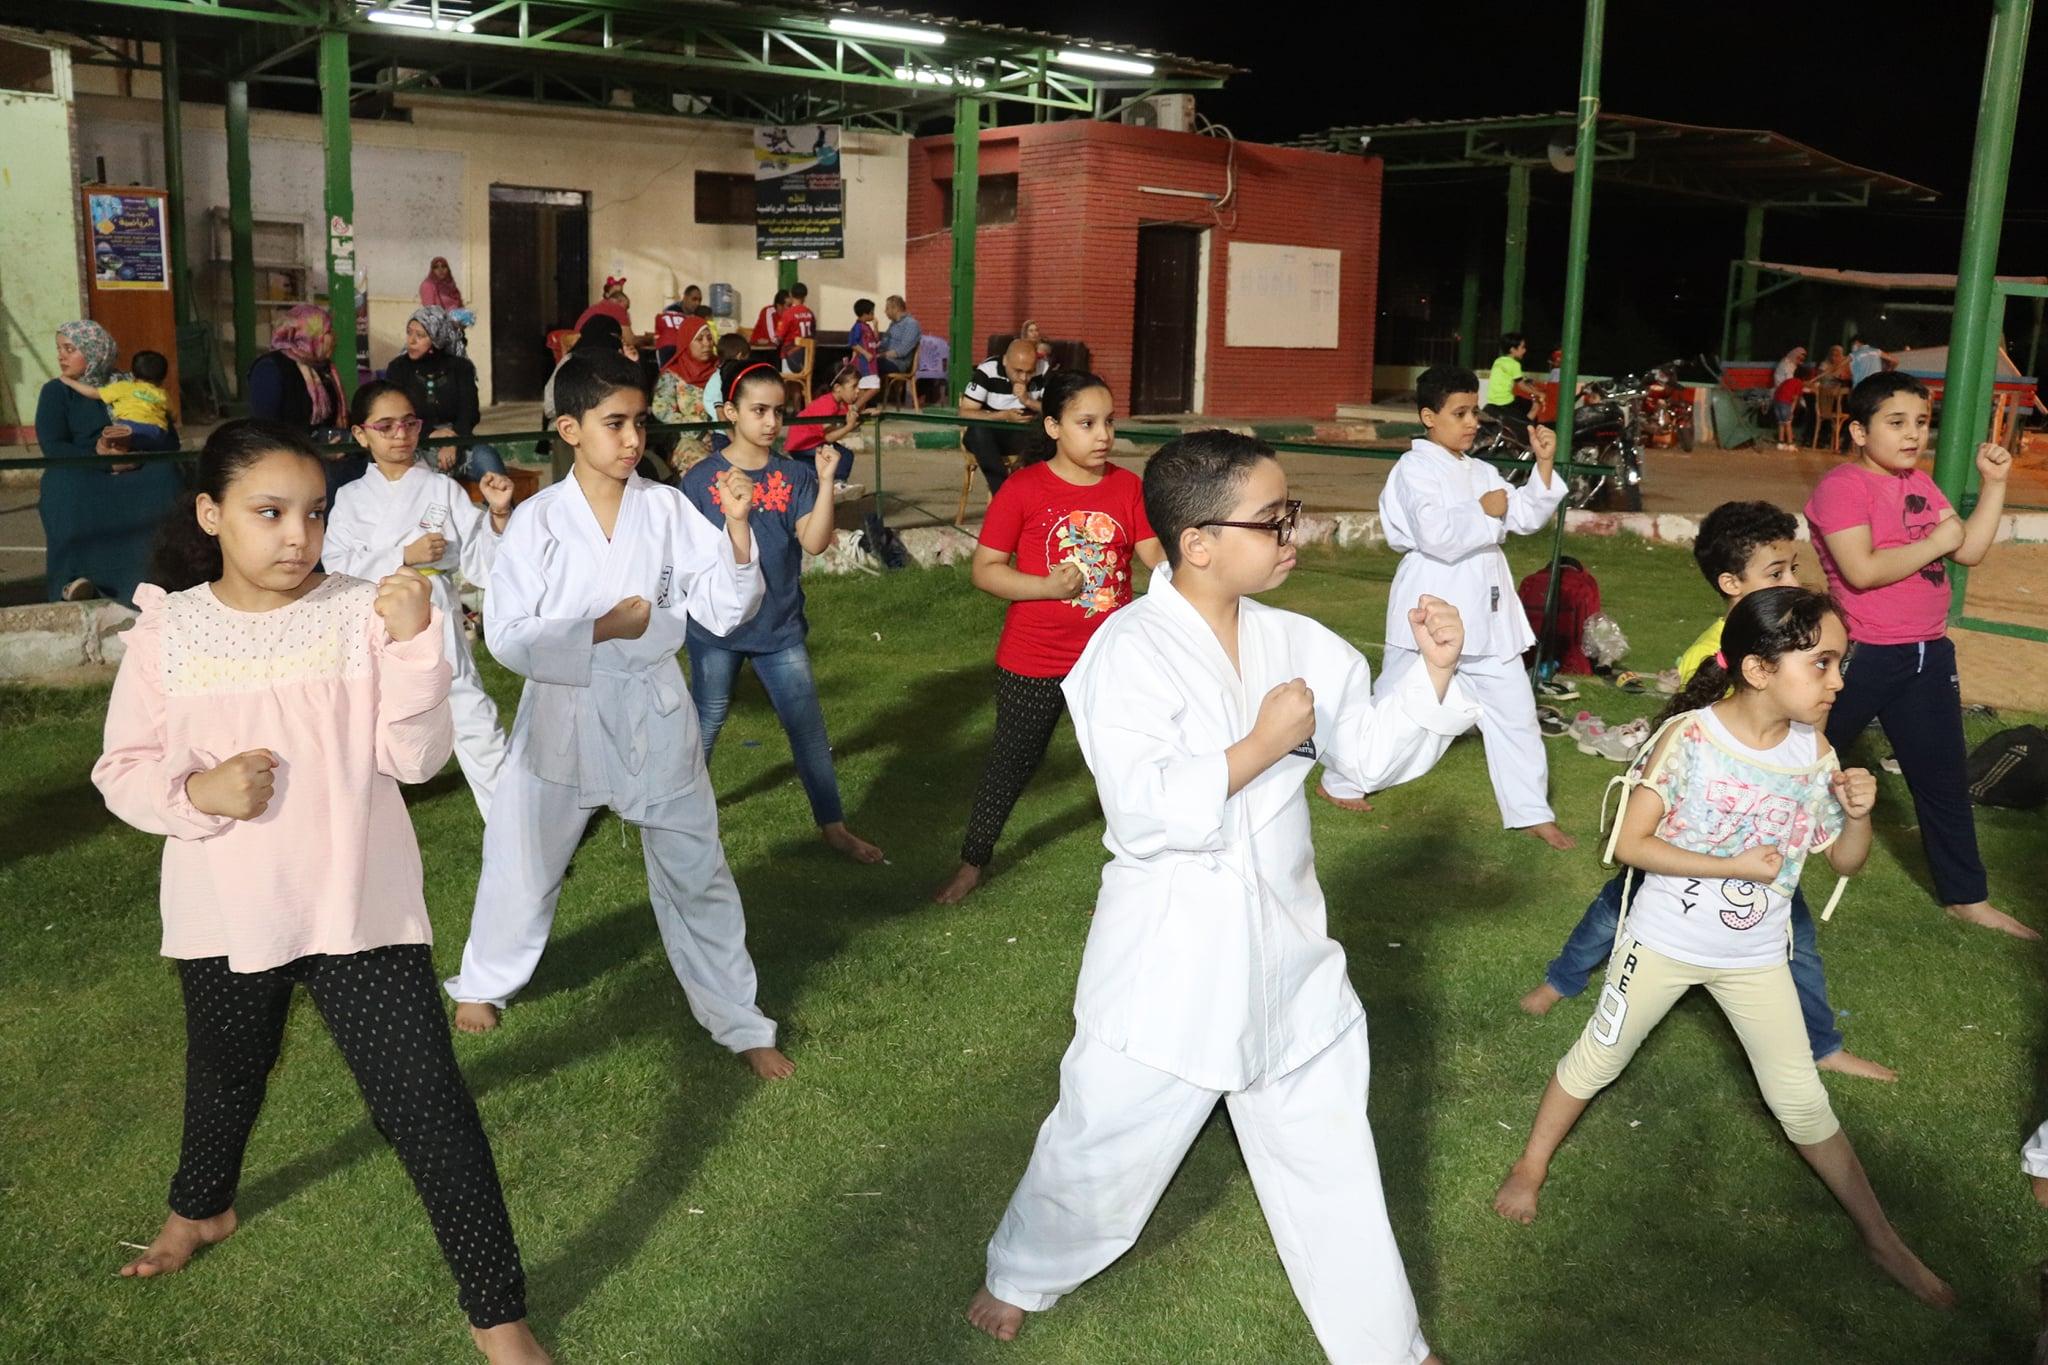 فعاليات تدريب لعبة الكاراتية باكاديميات جامعة سوهاج